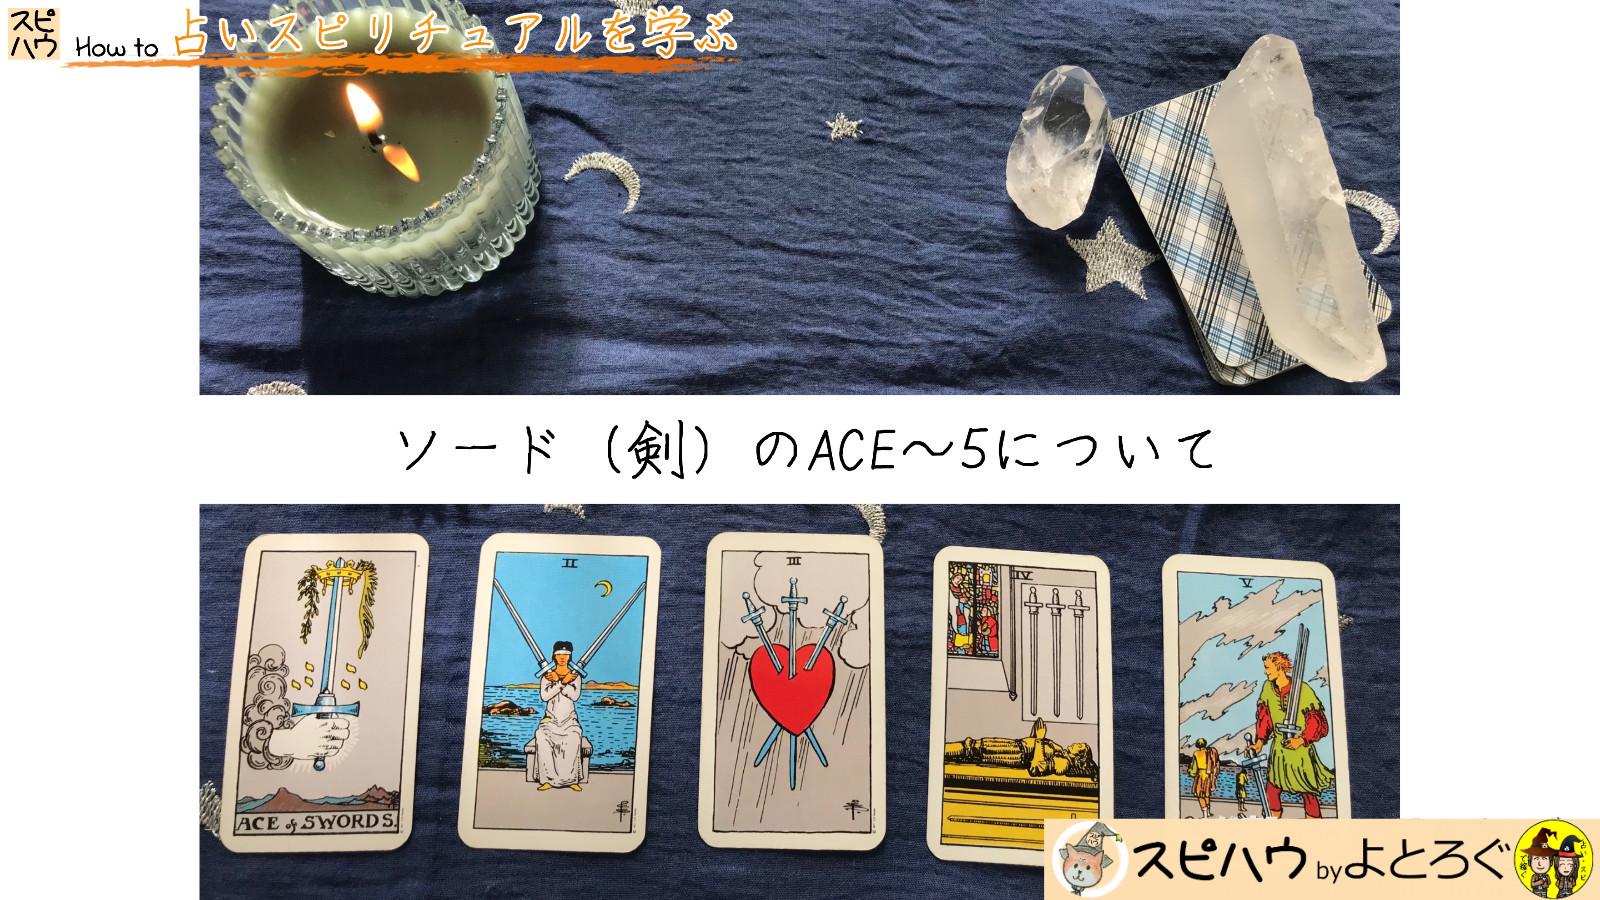 容赦ない力で戦いへと導かれる 1~5のカード画像